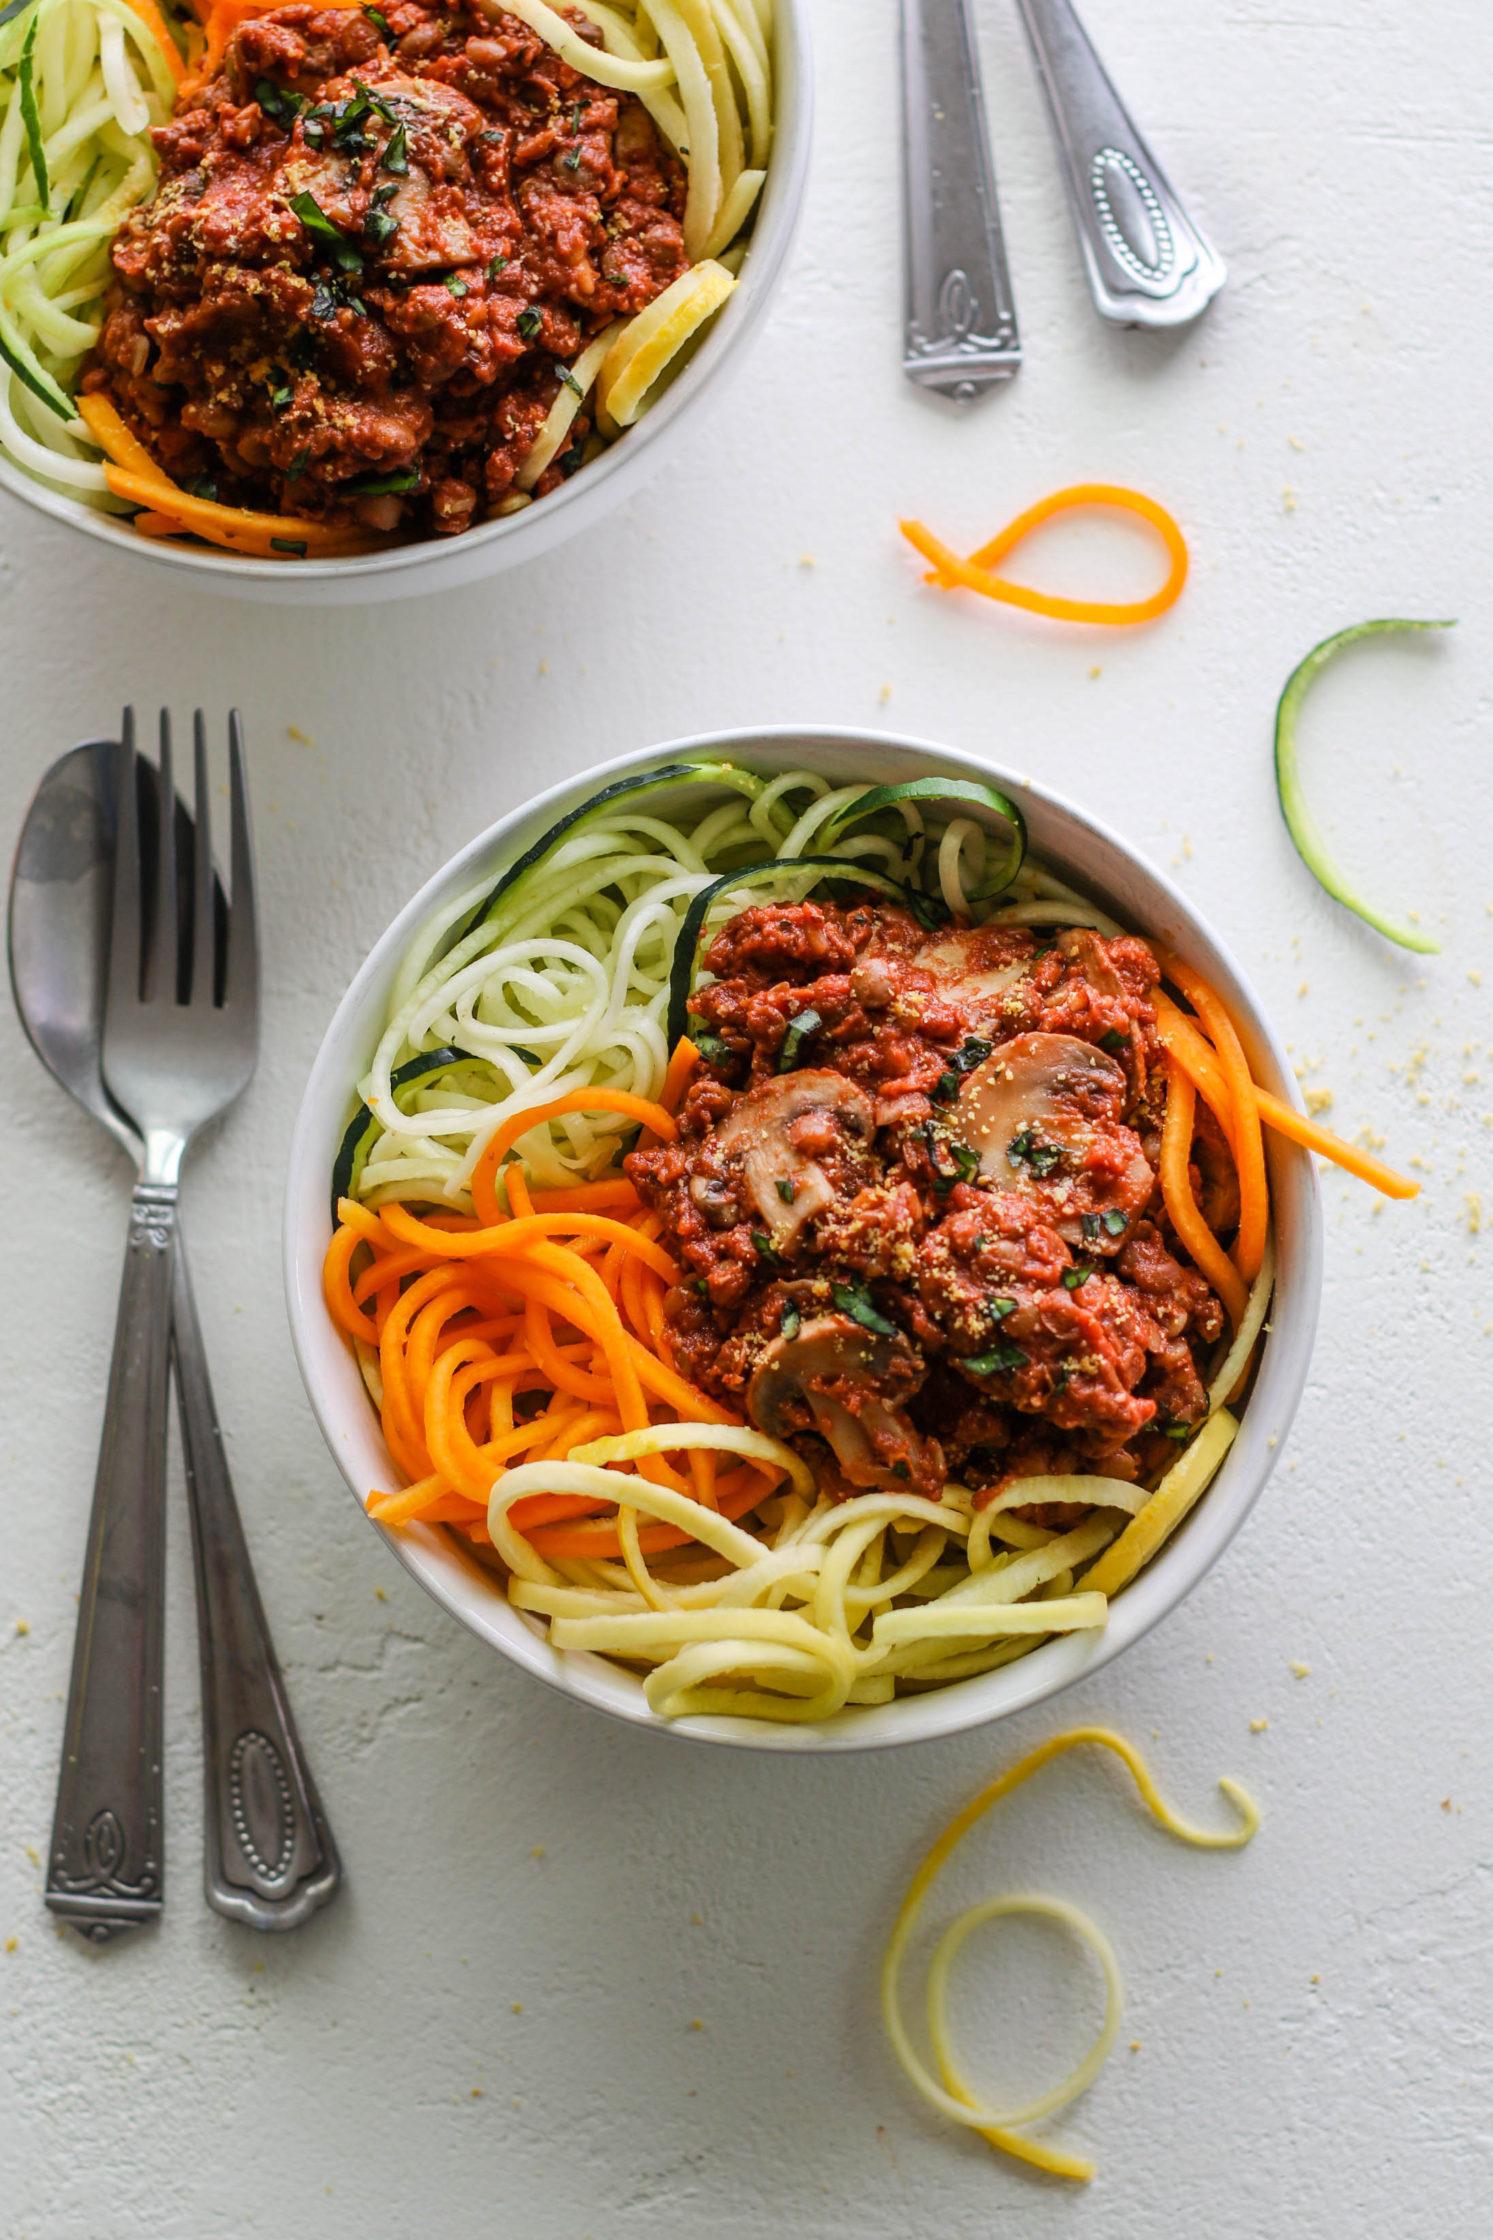 Veggie Noodles with Lentil Walnut Mushroom Bolognese by Flora & Vino